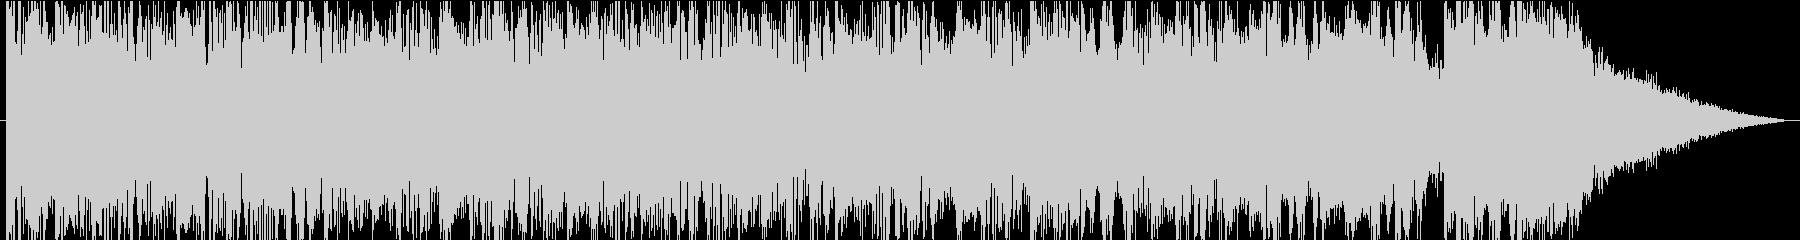 残忍なドラム、大音量のエレクトリッ...の未再生の波形